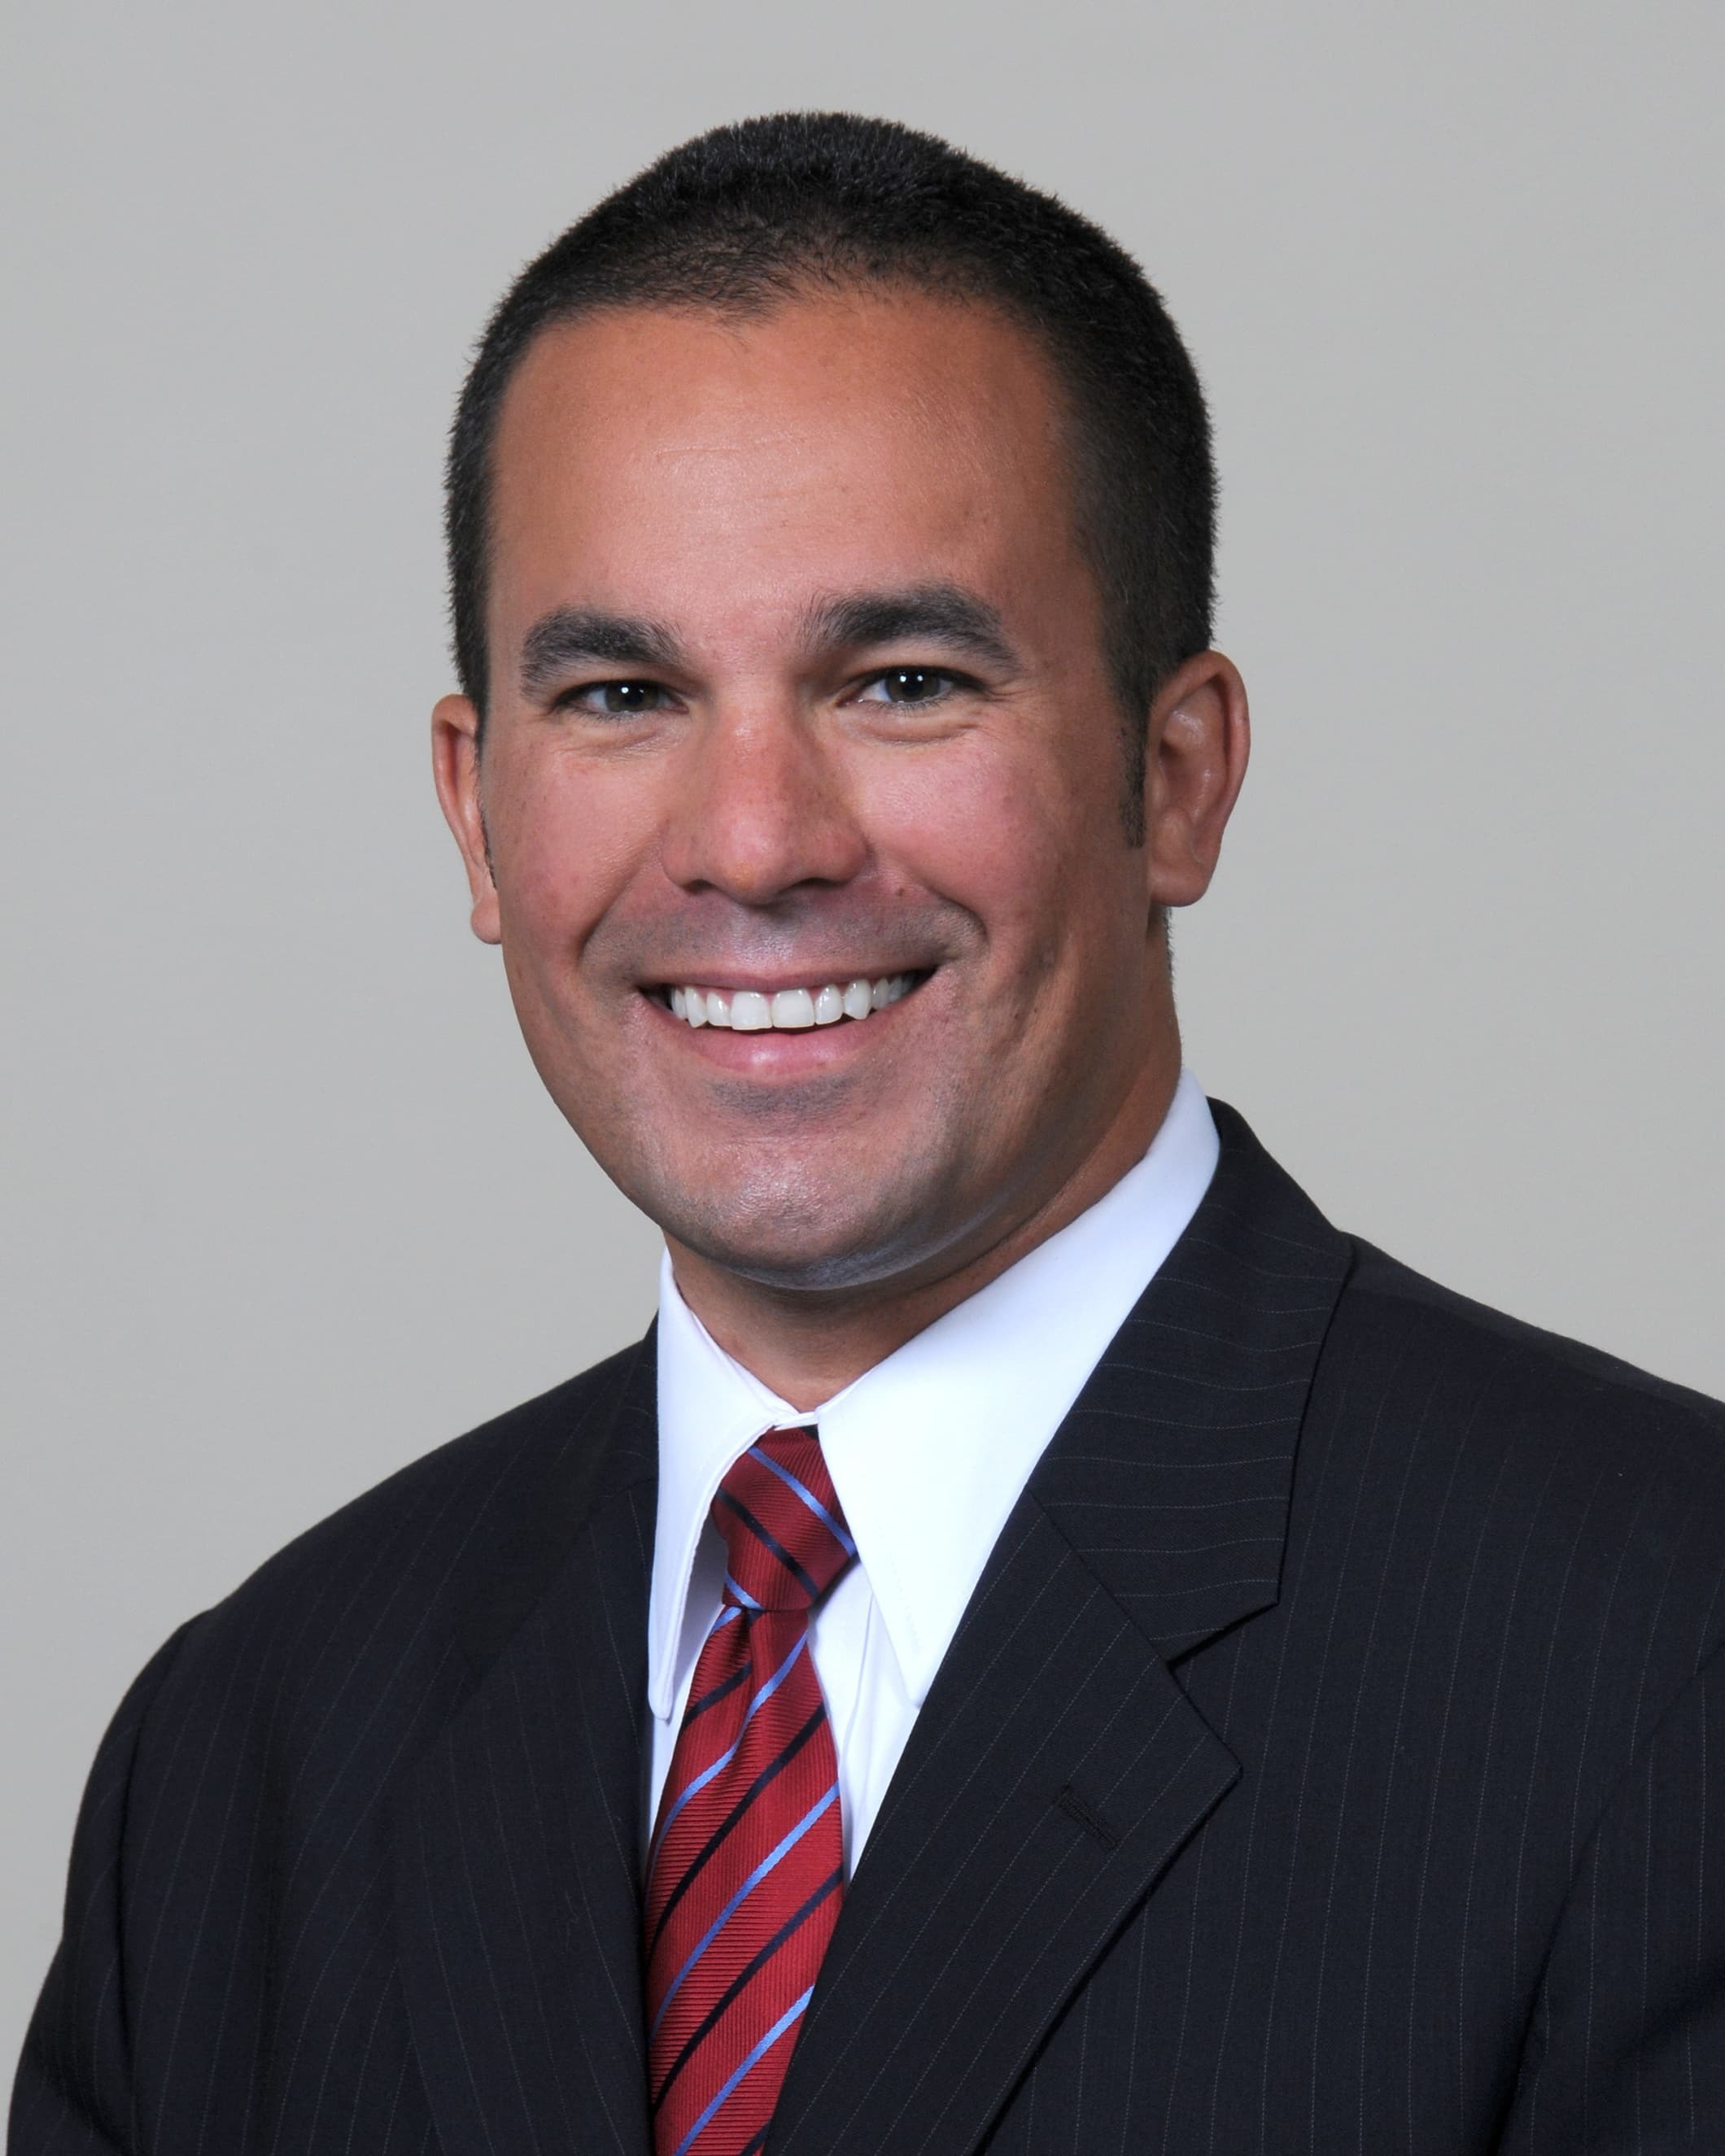 John D Baldea, MD